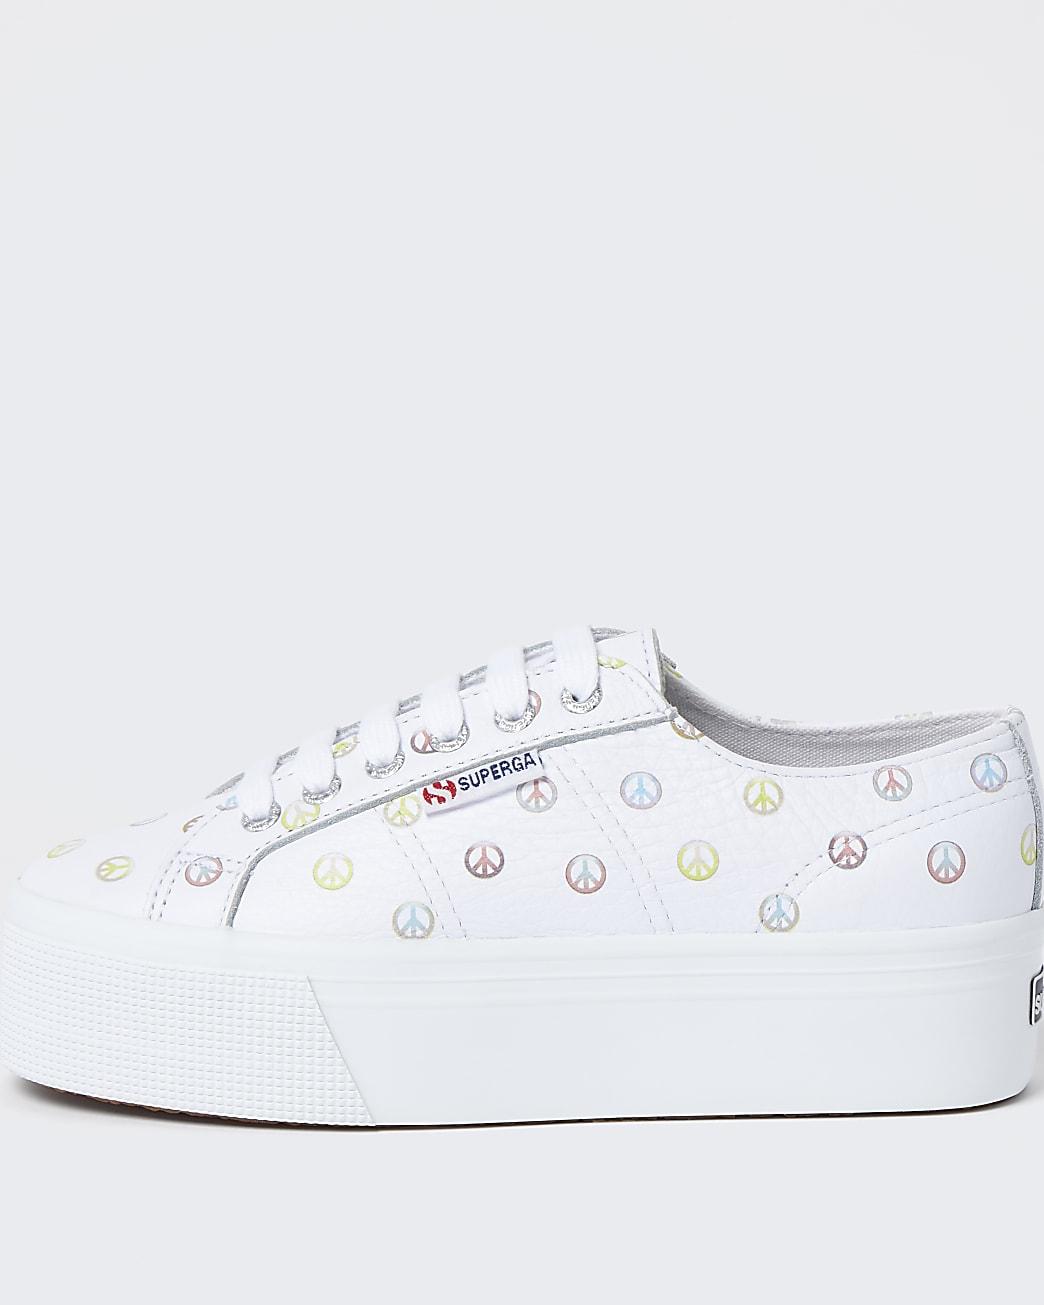 Superga white peace print flatform trainers